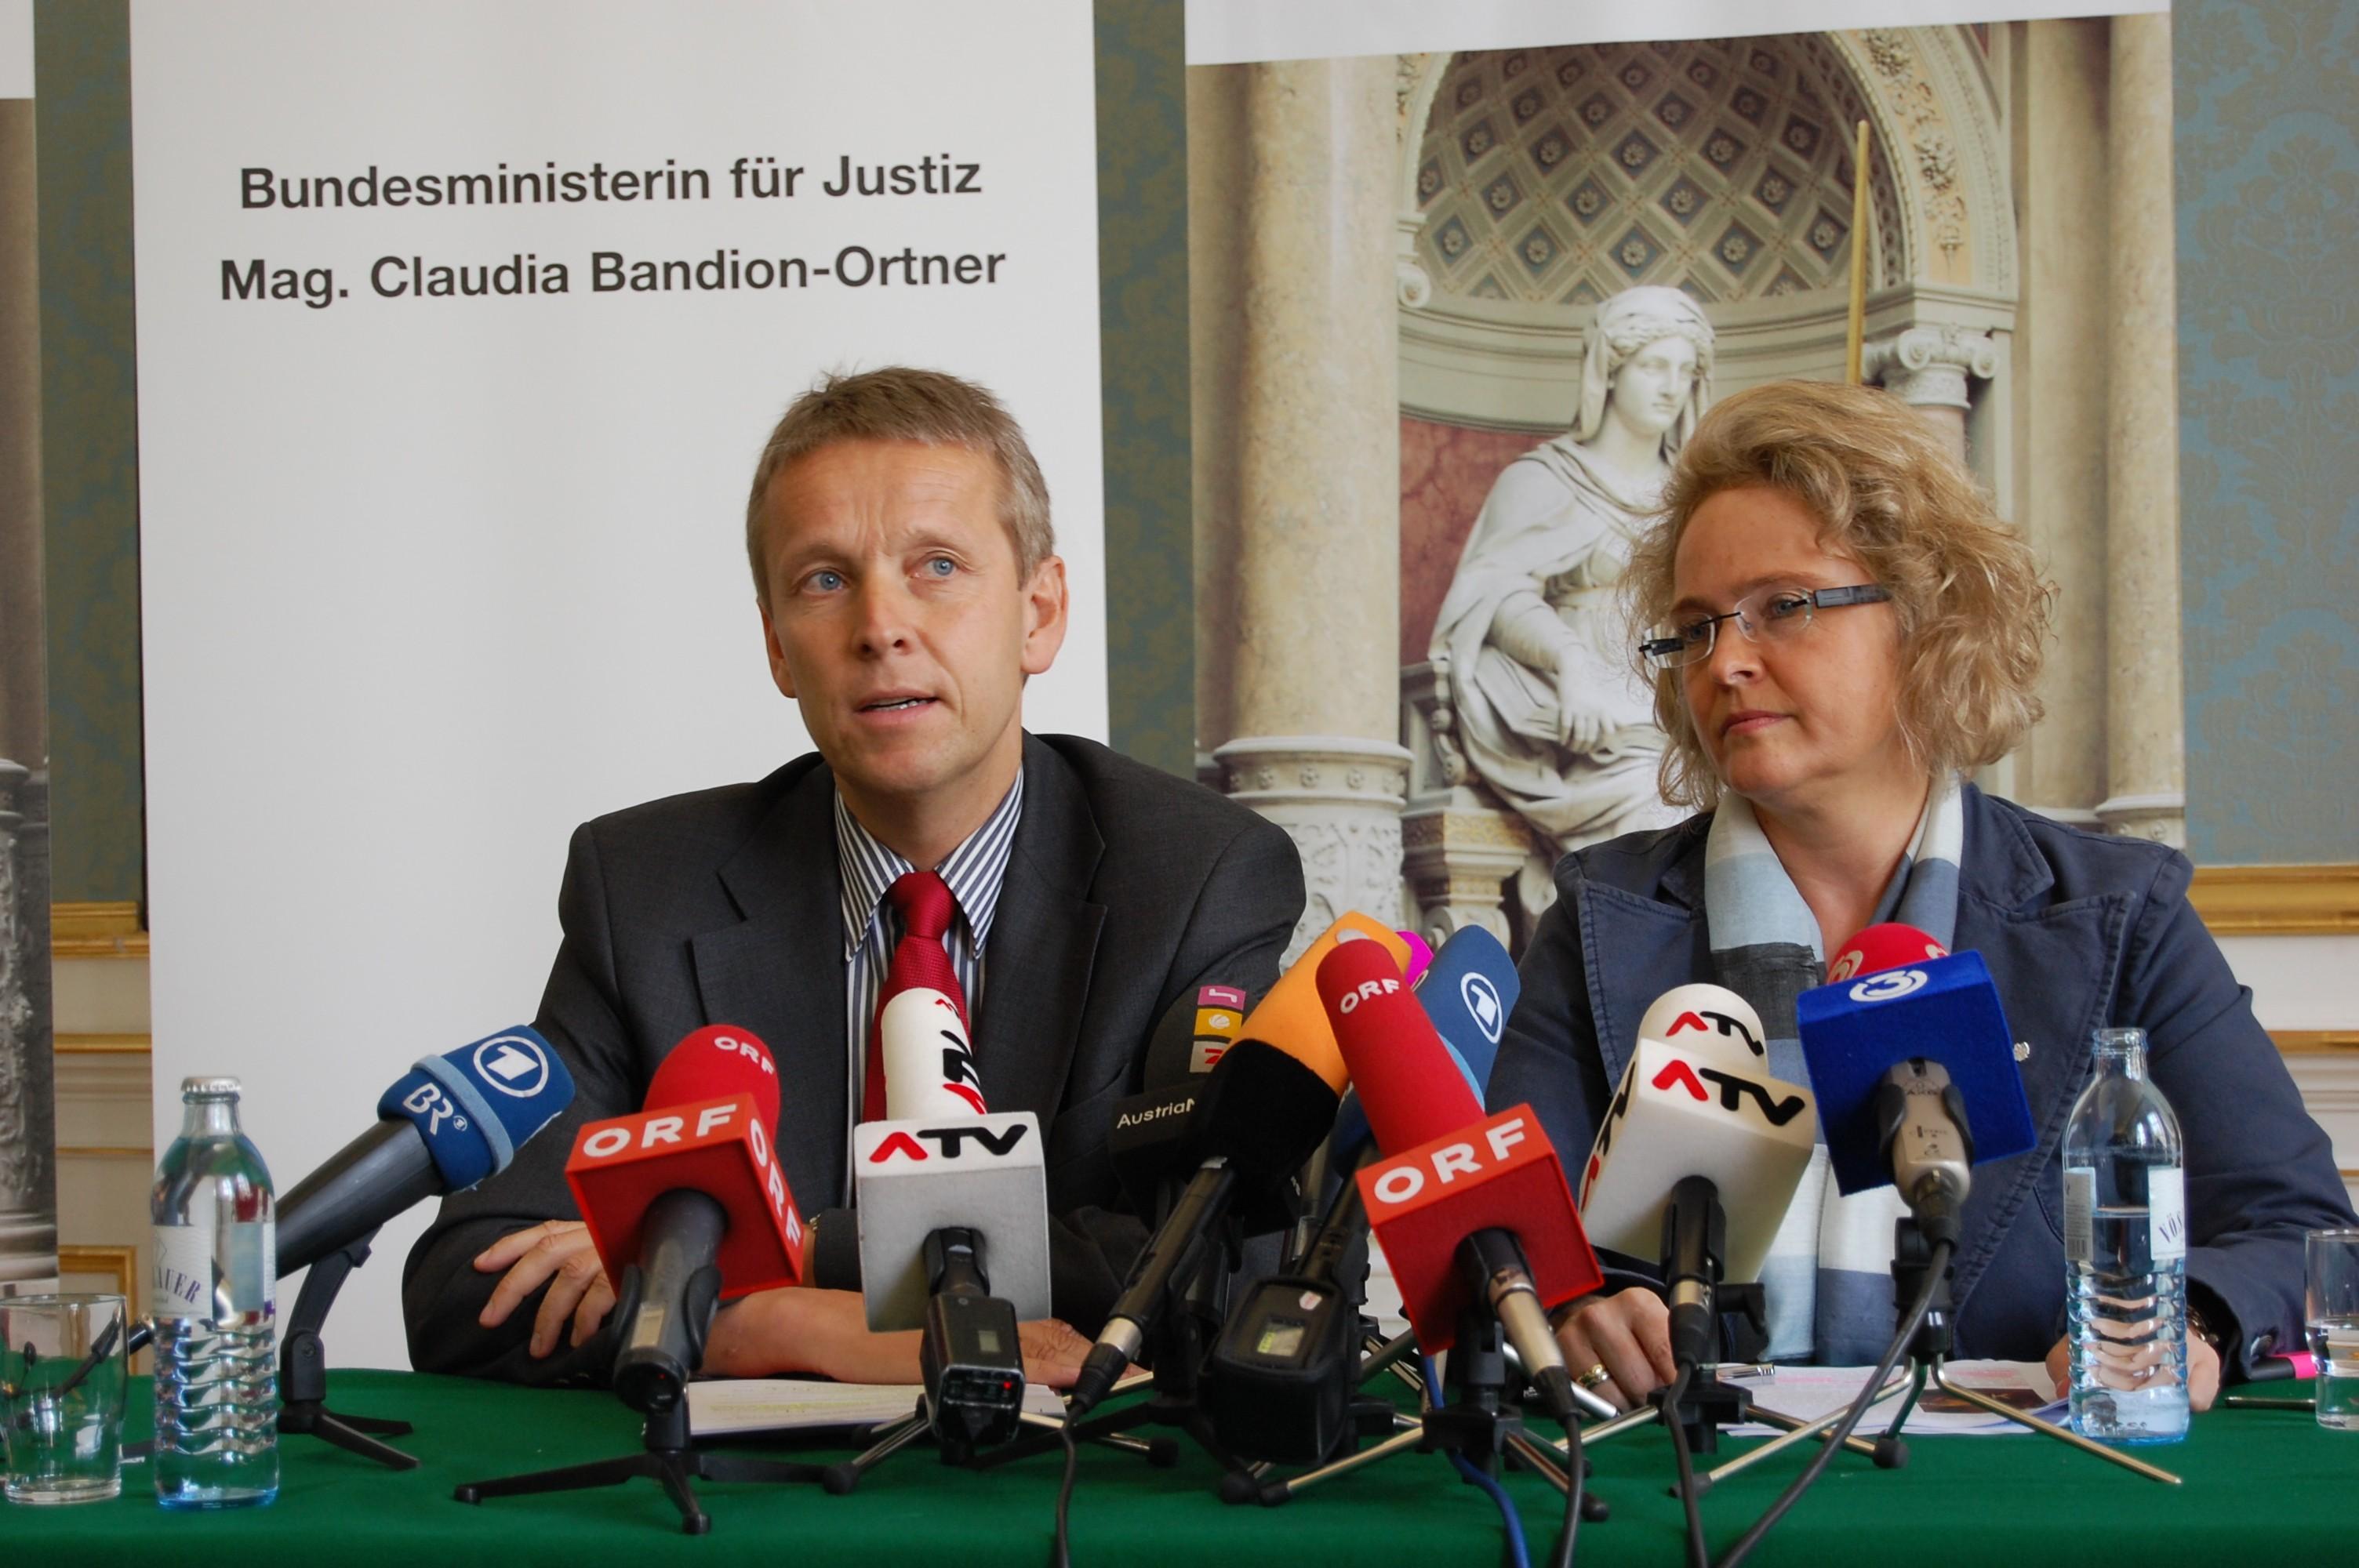 Großes Medieninteresse an der gemeinsamen Pressekonferenz mit Justizministerin Claudia Bandion-Ortner (C) BMJ